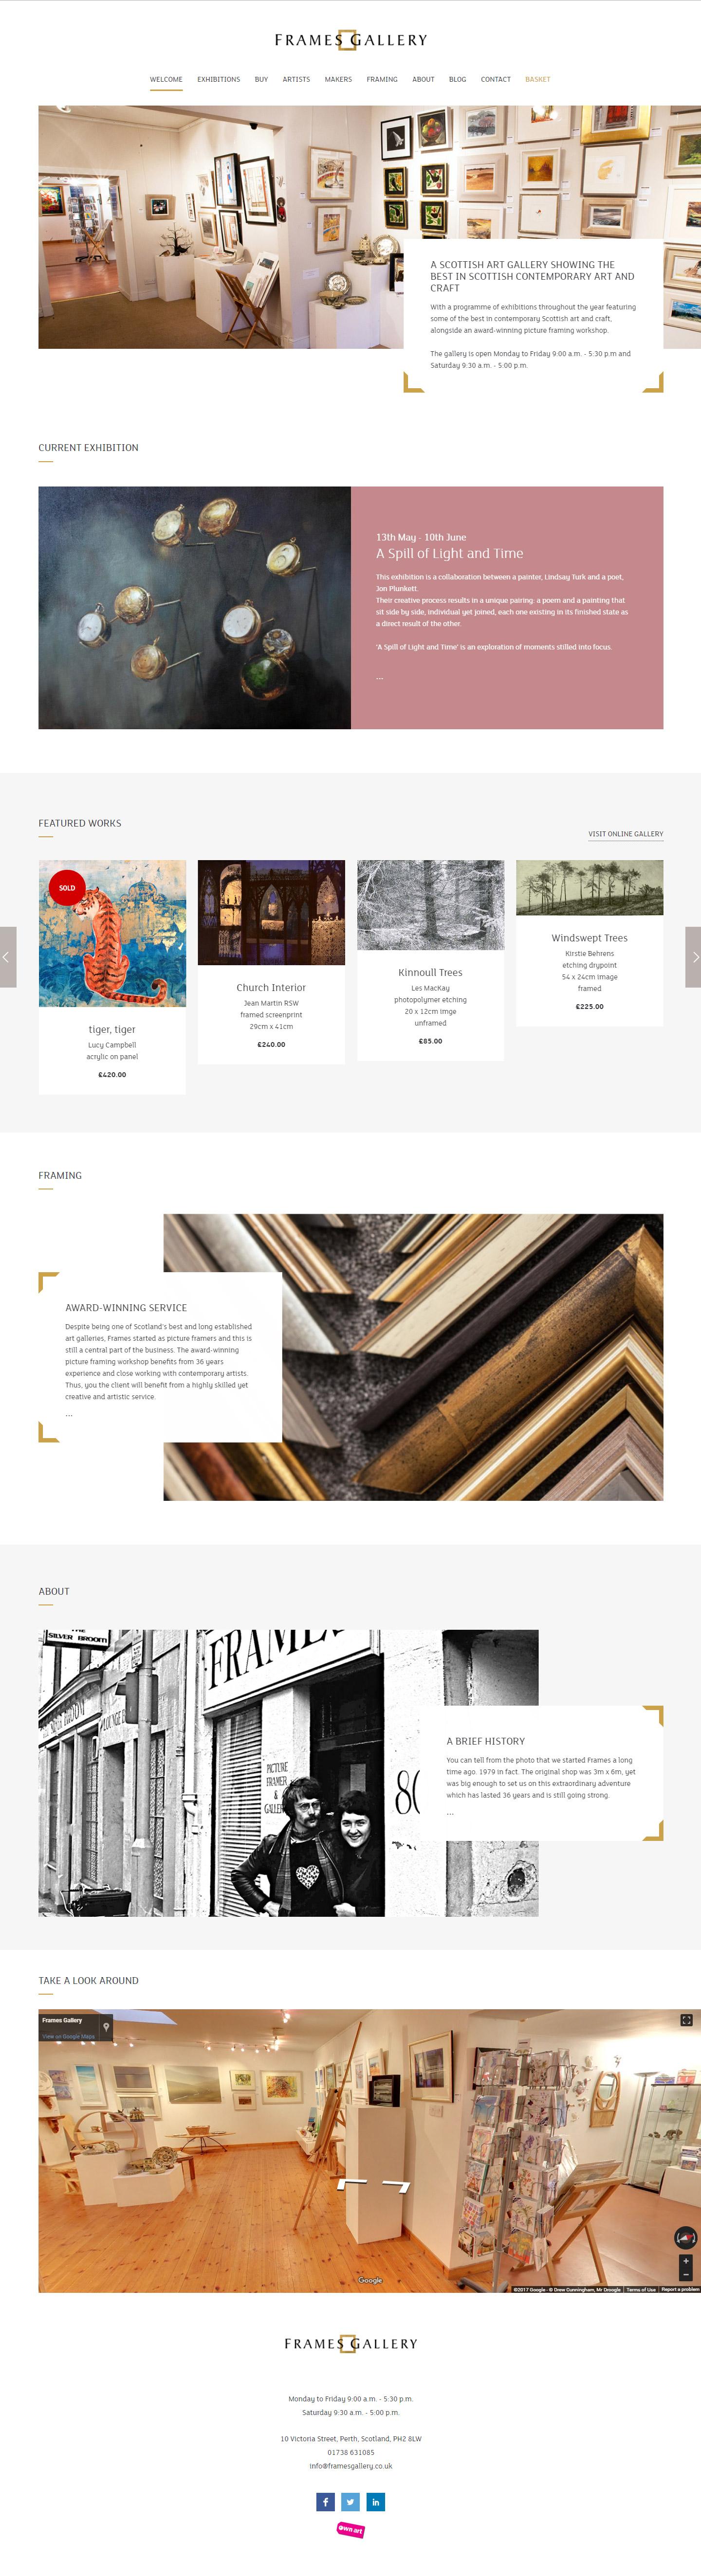 Frames Gallery Homepage